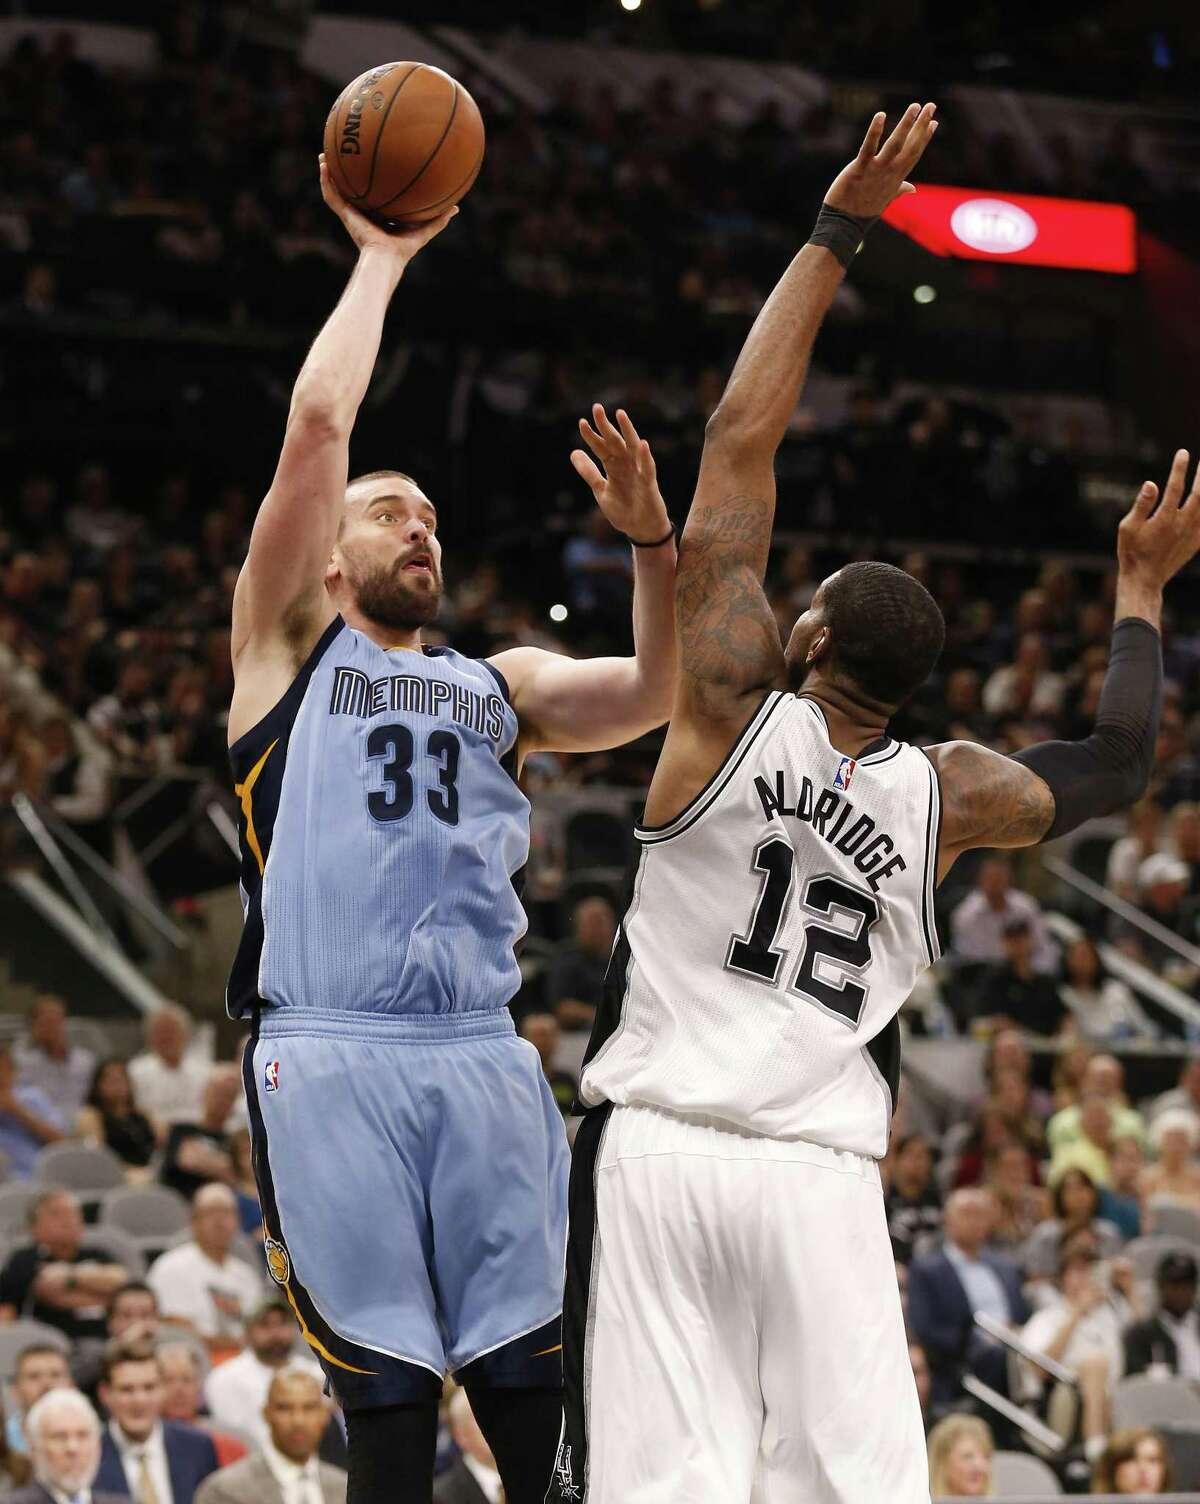 Spurs' LaMarcus Aldridge attempts to defend against the Memphis Grizzlies' Marc Gasol at the AT&T Center on April 4, 2017.